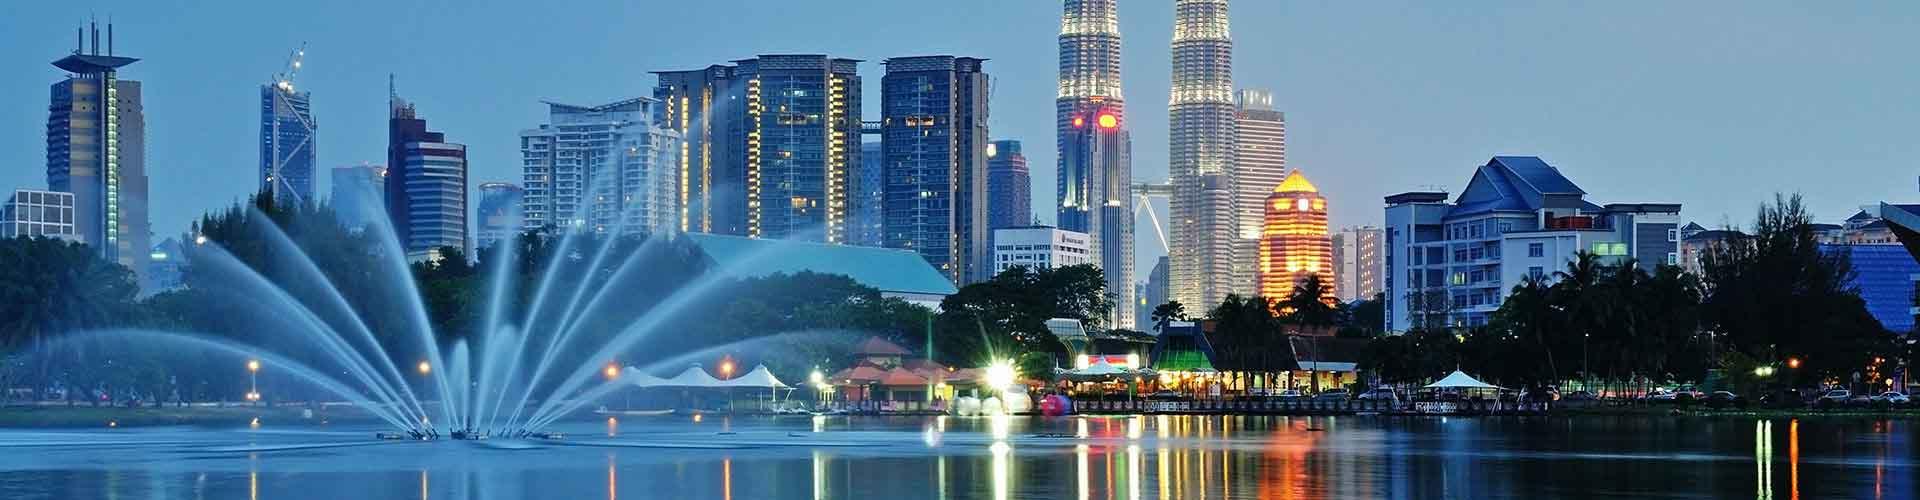 Kuala Lumpur - Ifjúsági Szállások Kuala Lumpurben. Kuala Lumpur térképek, fotók és ajánlások minden egyes ifjúsági szállásokra Kuala Lumpur-ben.